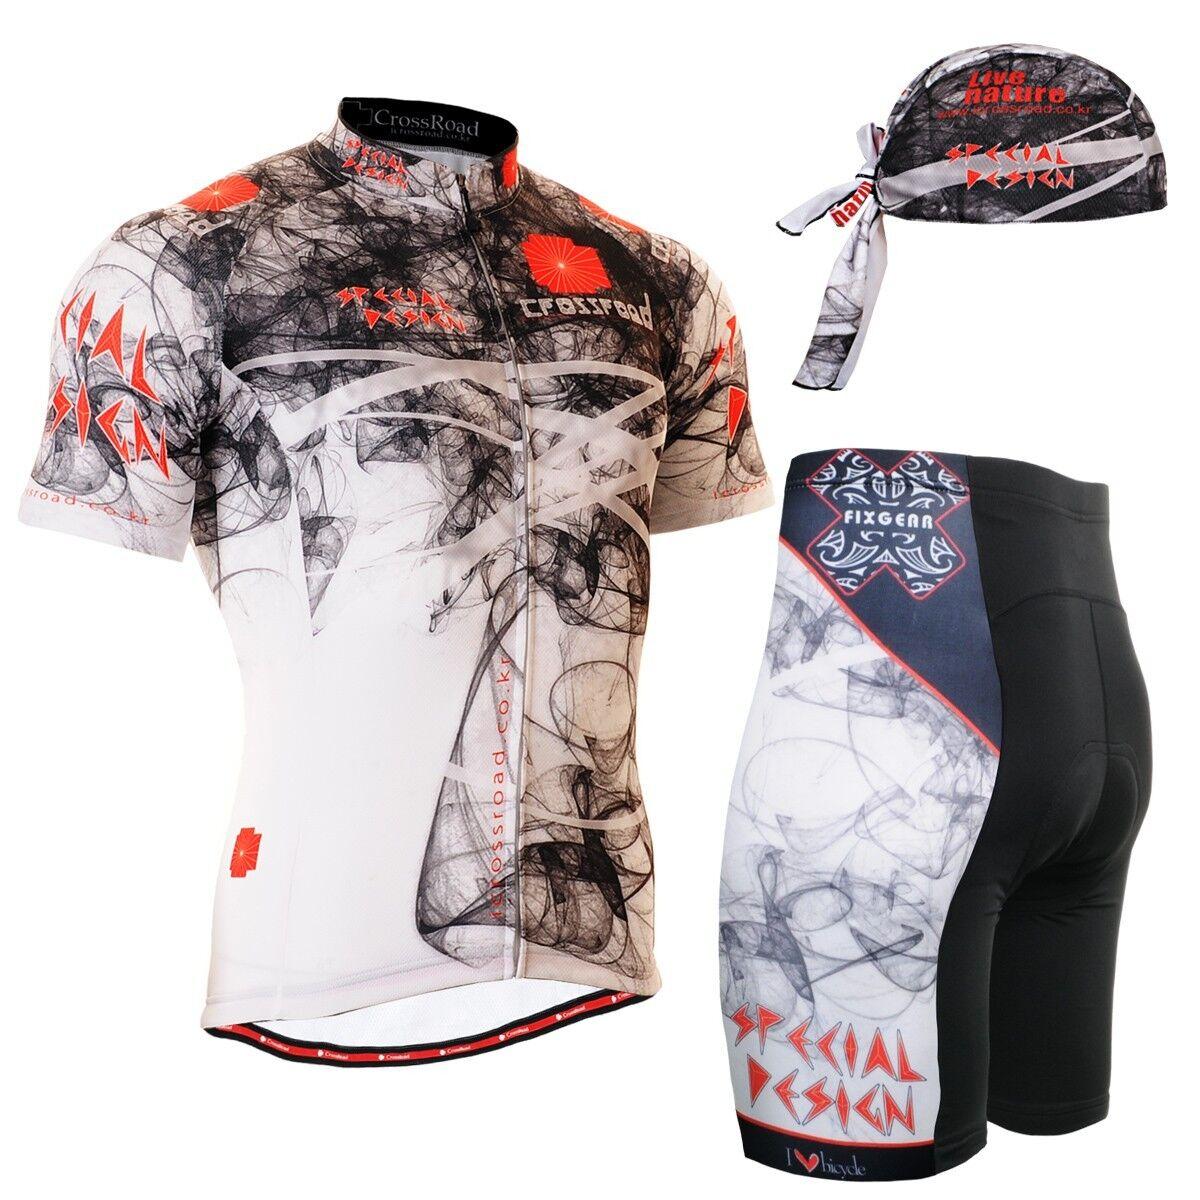 FIXGEAR CS-2102-SET Cycling Jersey & Shorts Padded, MTB Bike, Bandana Bandana Bike, Free Gift cc5659